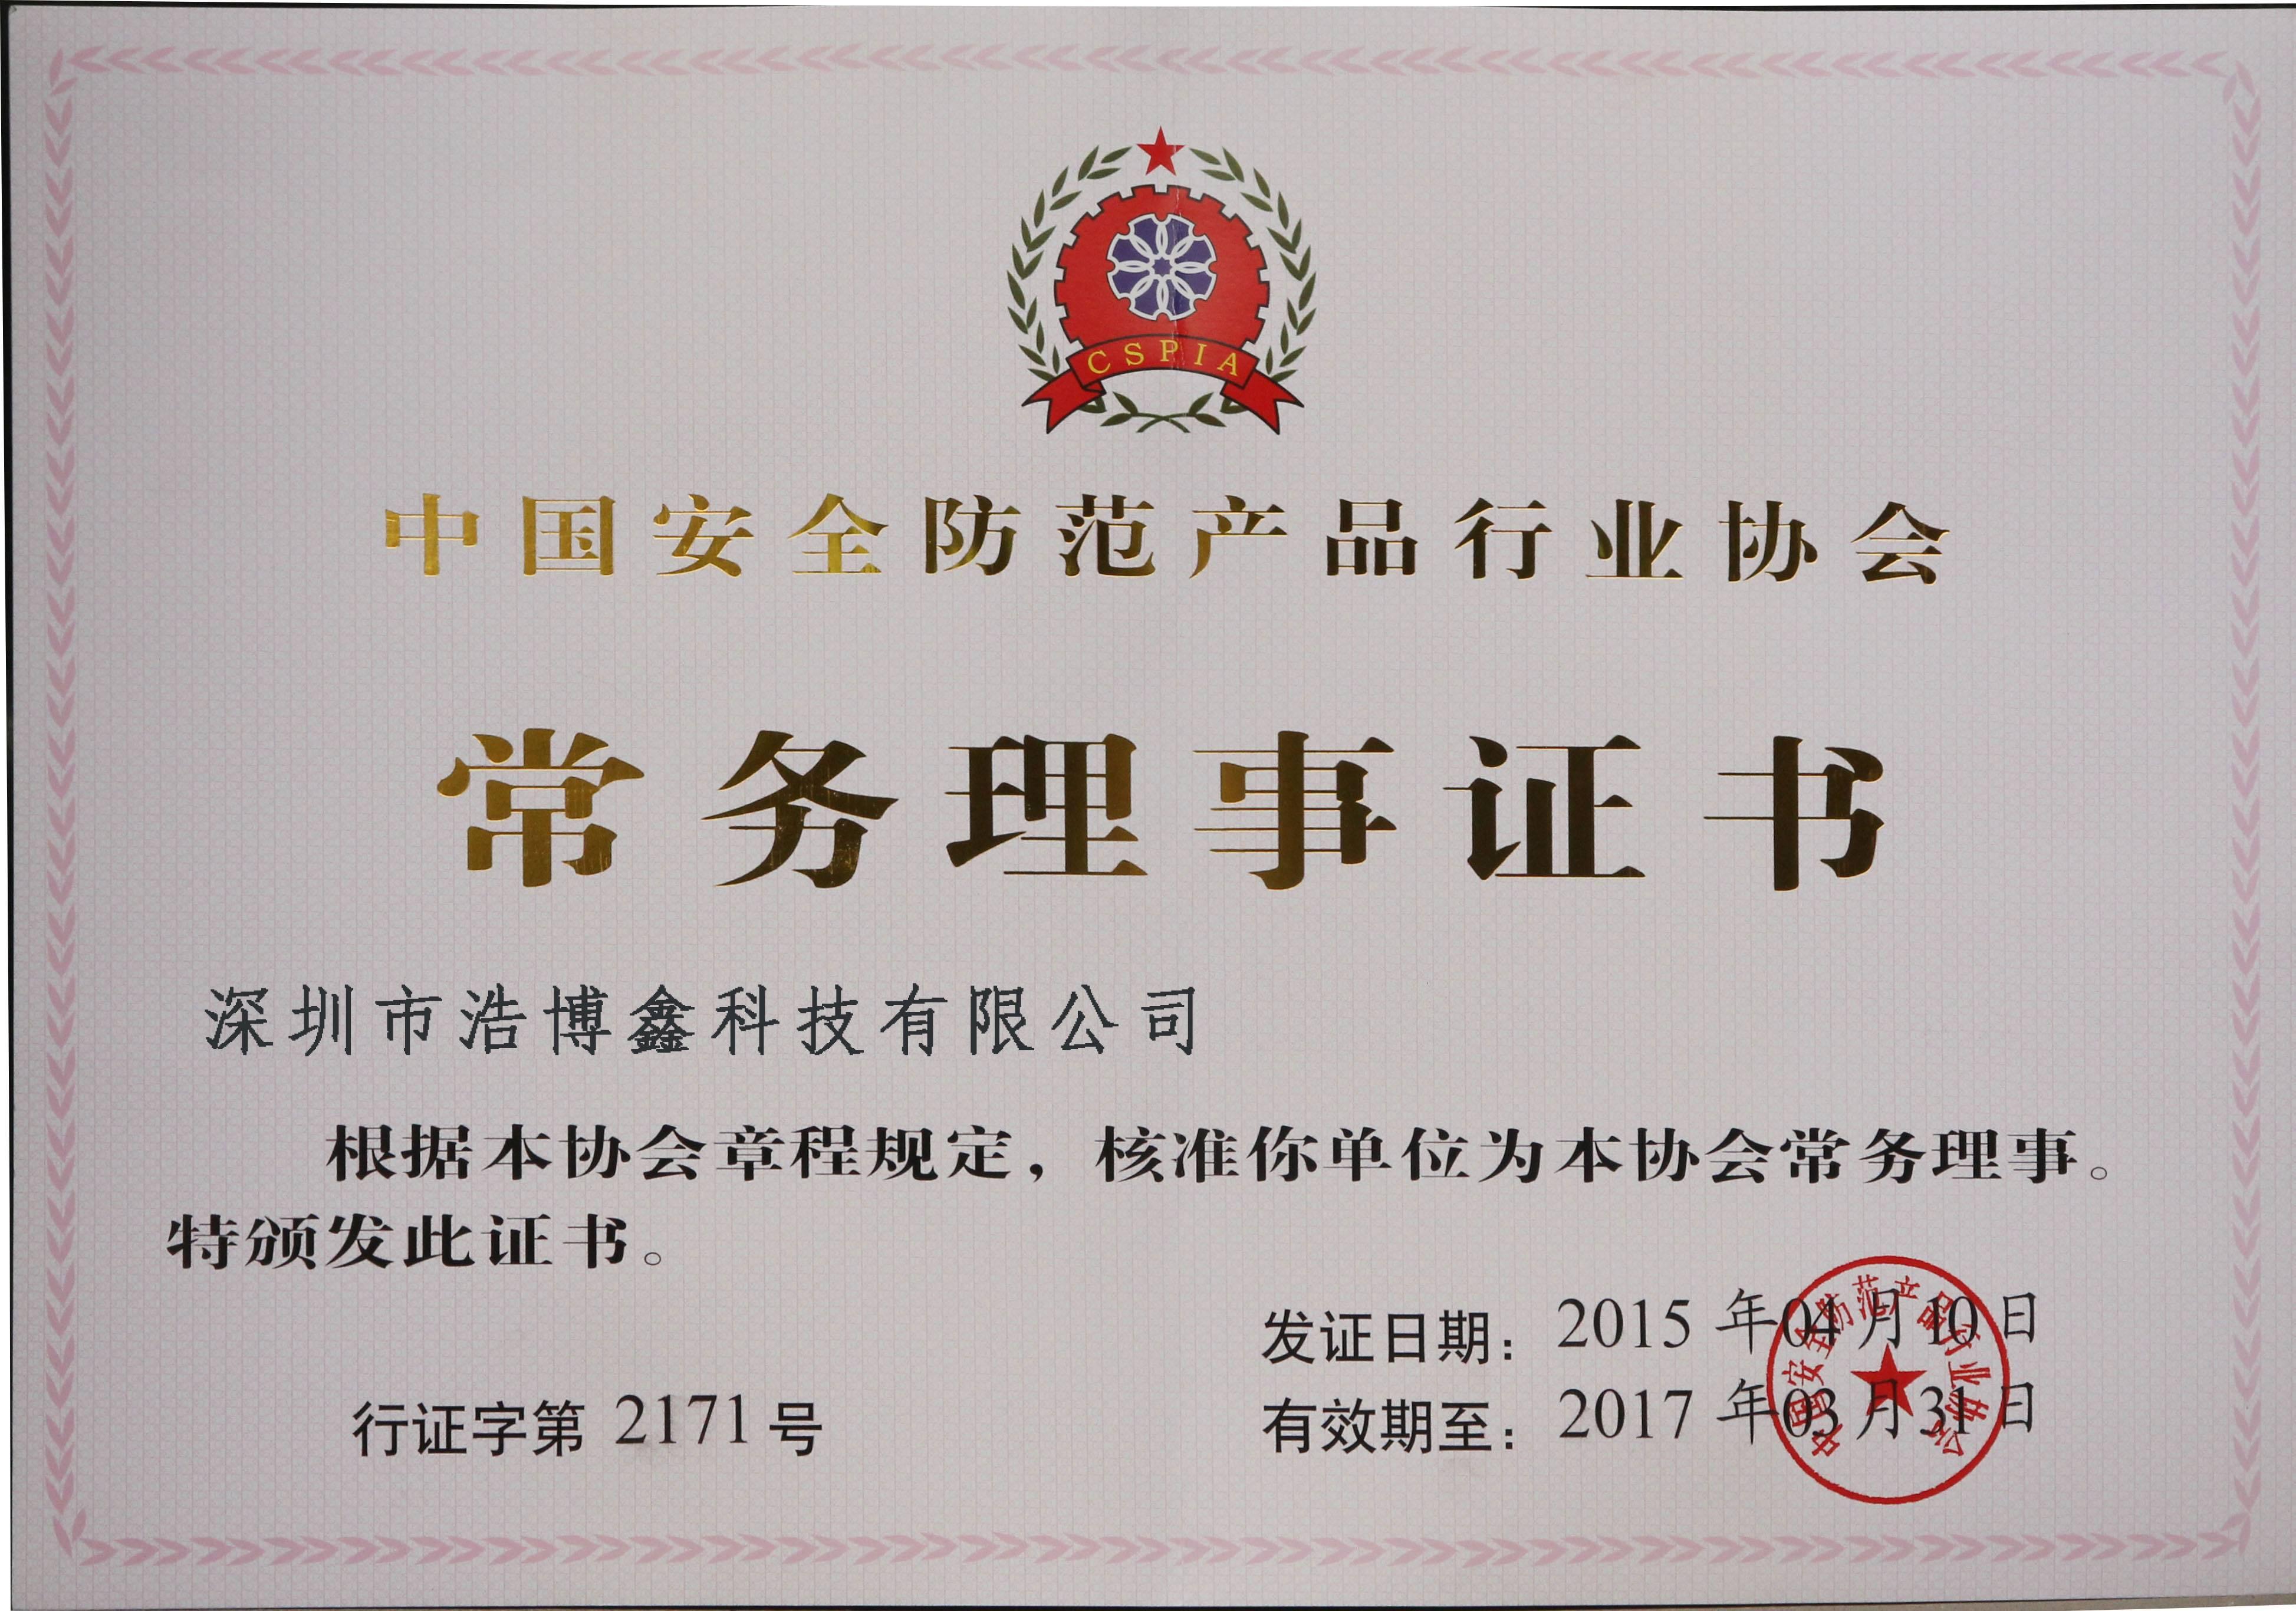 浩博鑫荣获中国安全防范产品行业协会